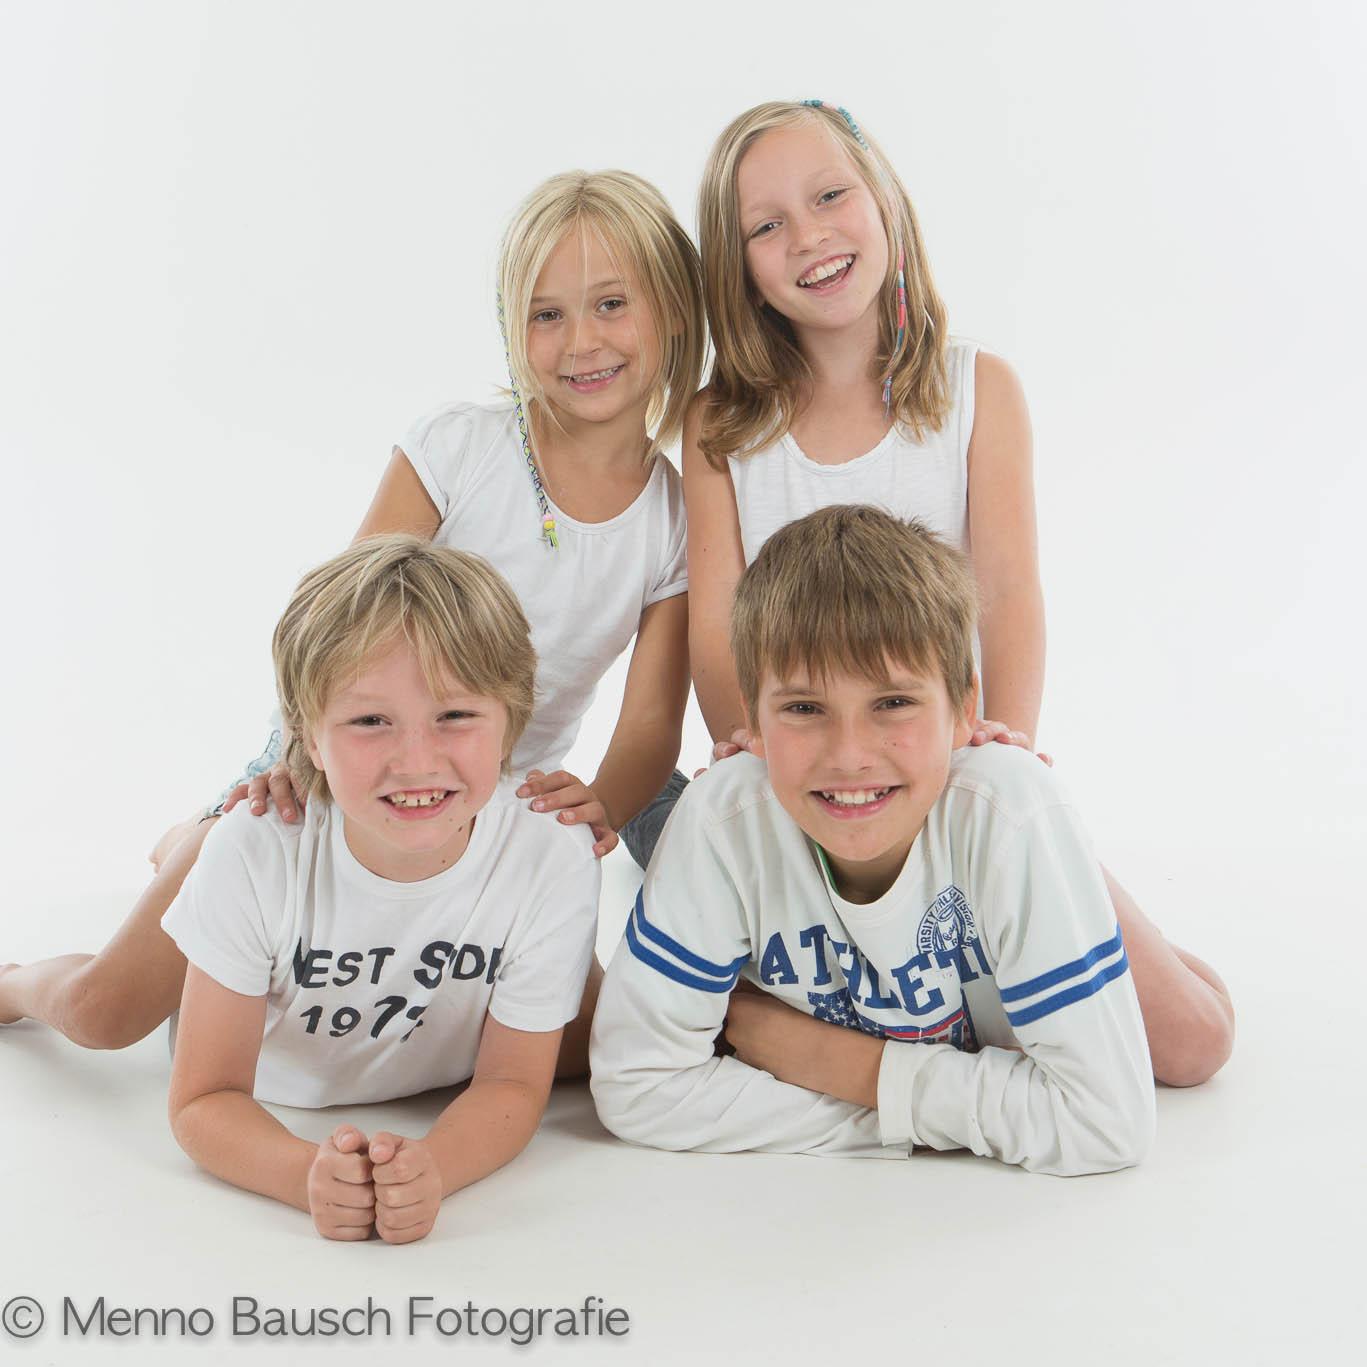 Menno Bausch Fotografie15-2